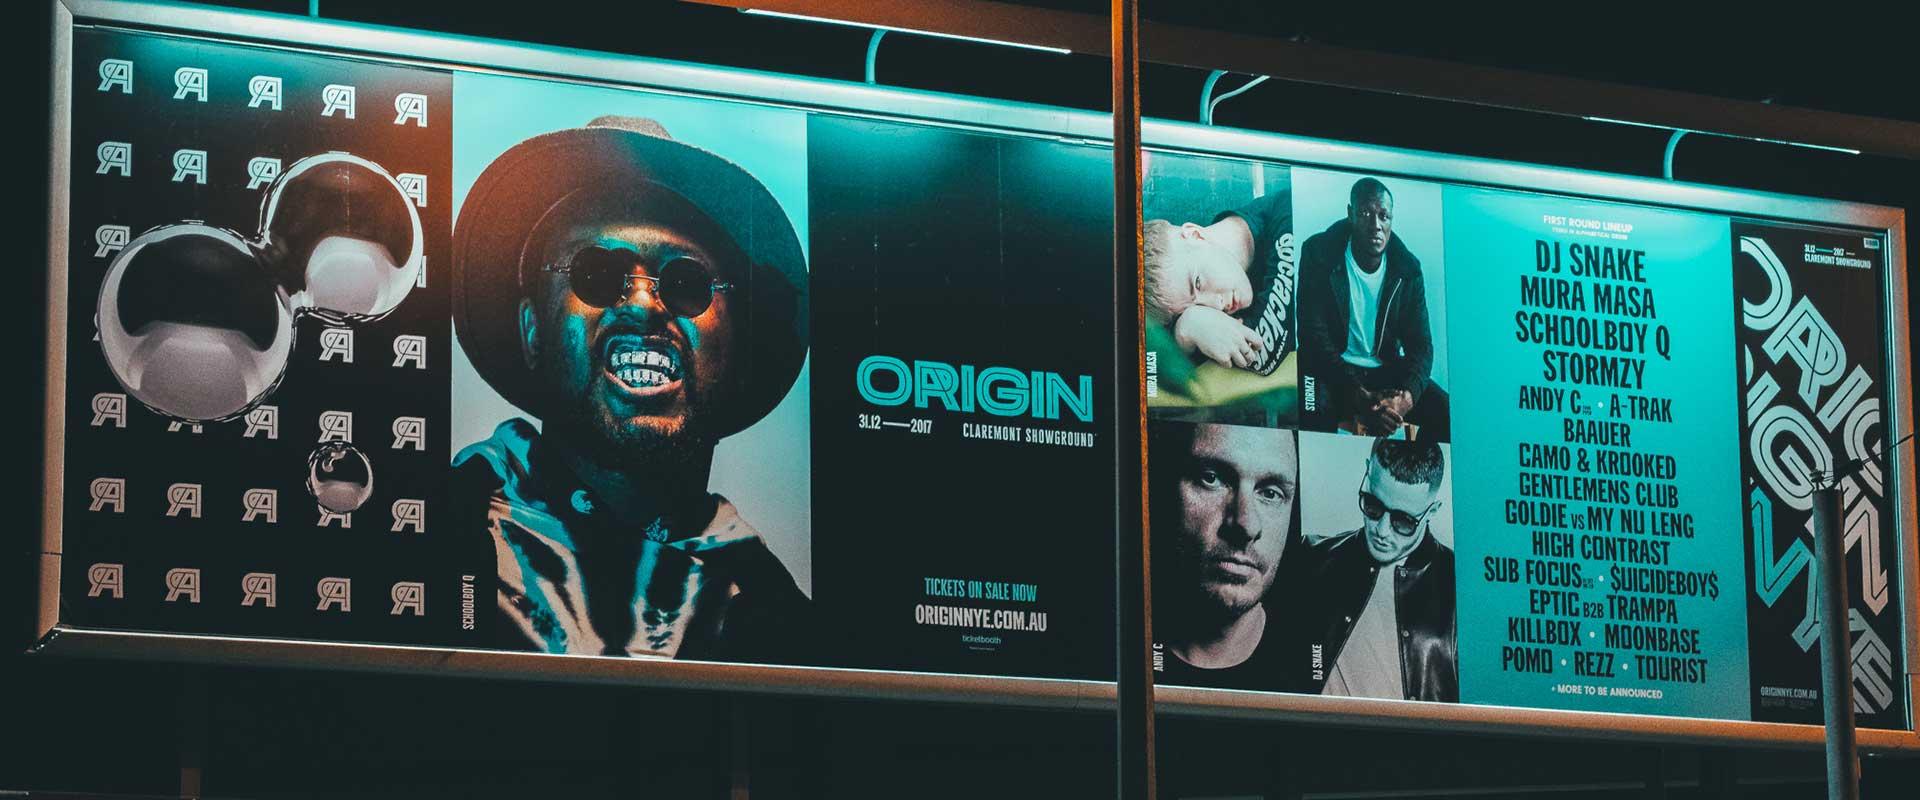 large format printing perth - billboard